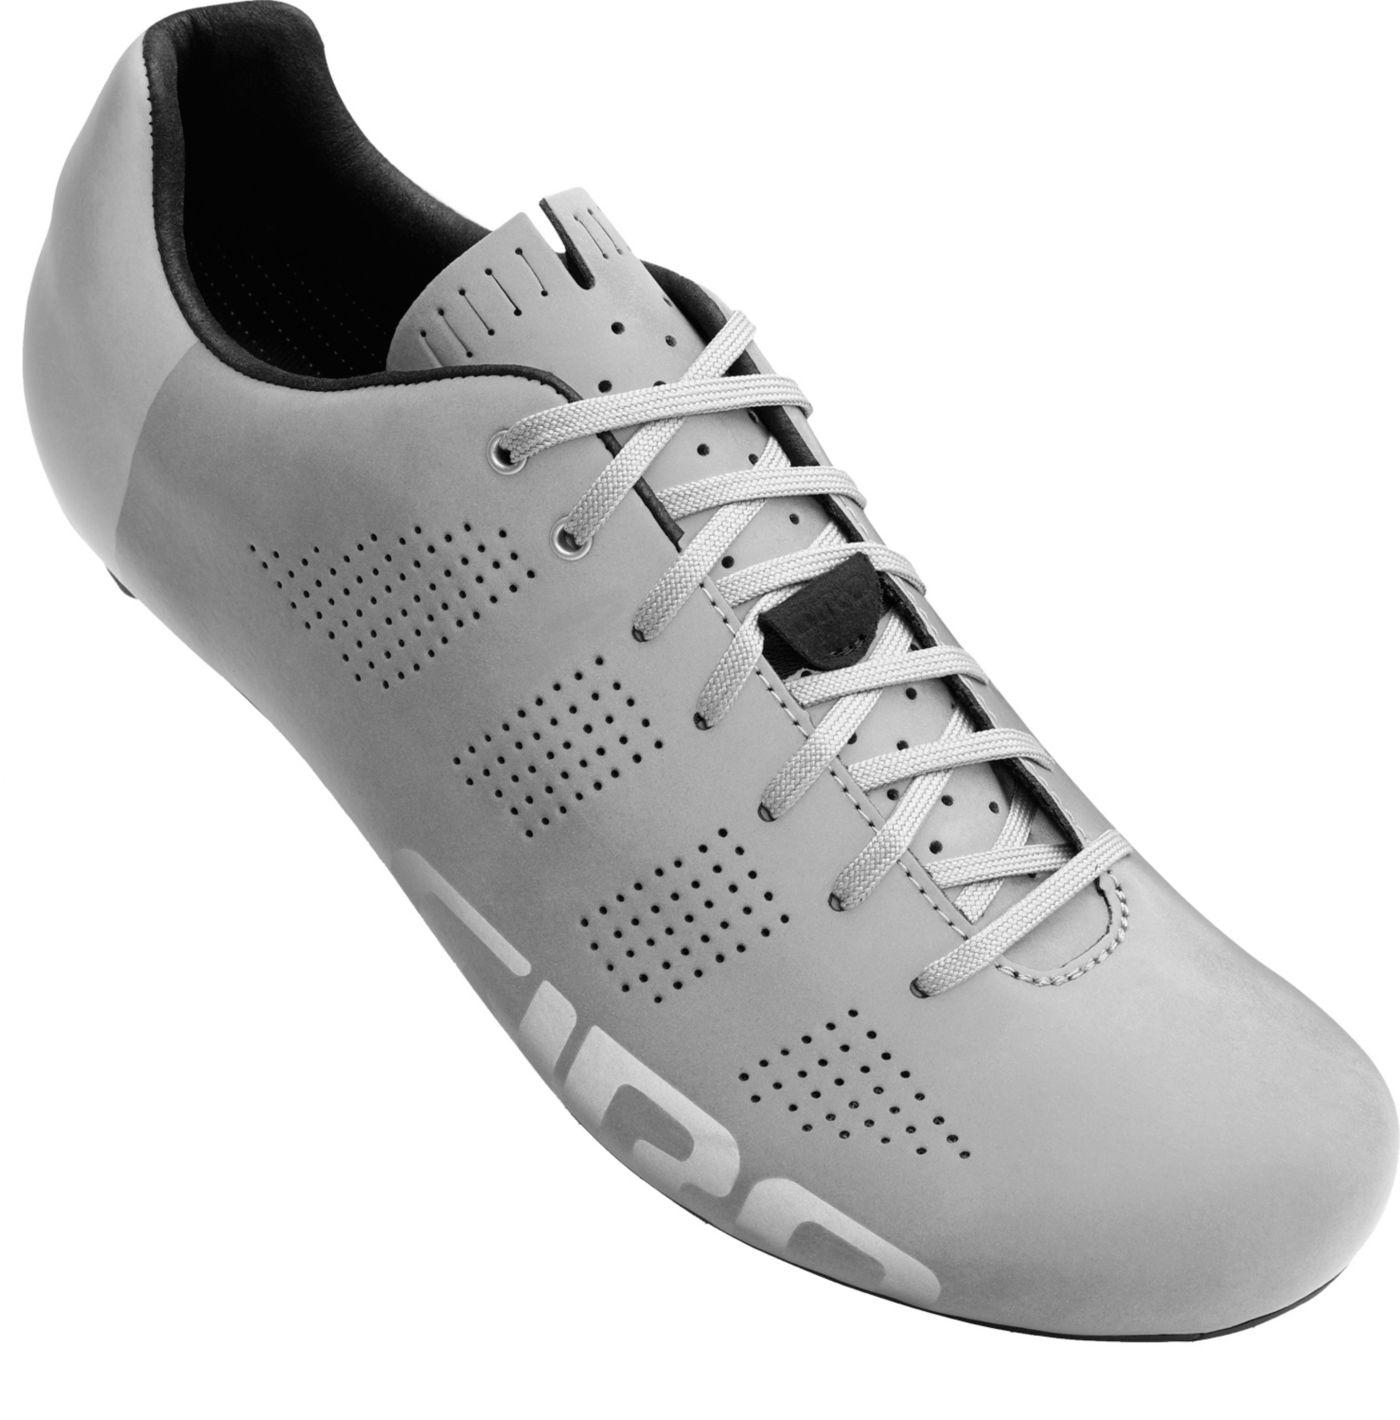 Giro Men's Empire Acc Cycling Shoes